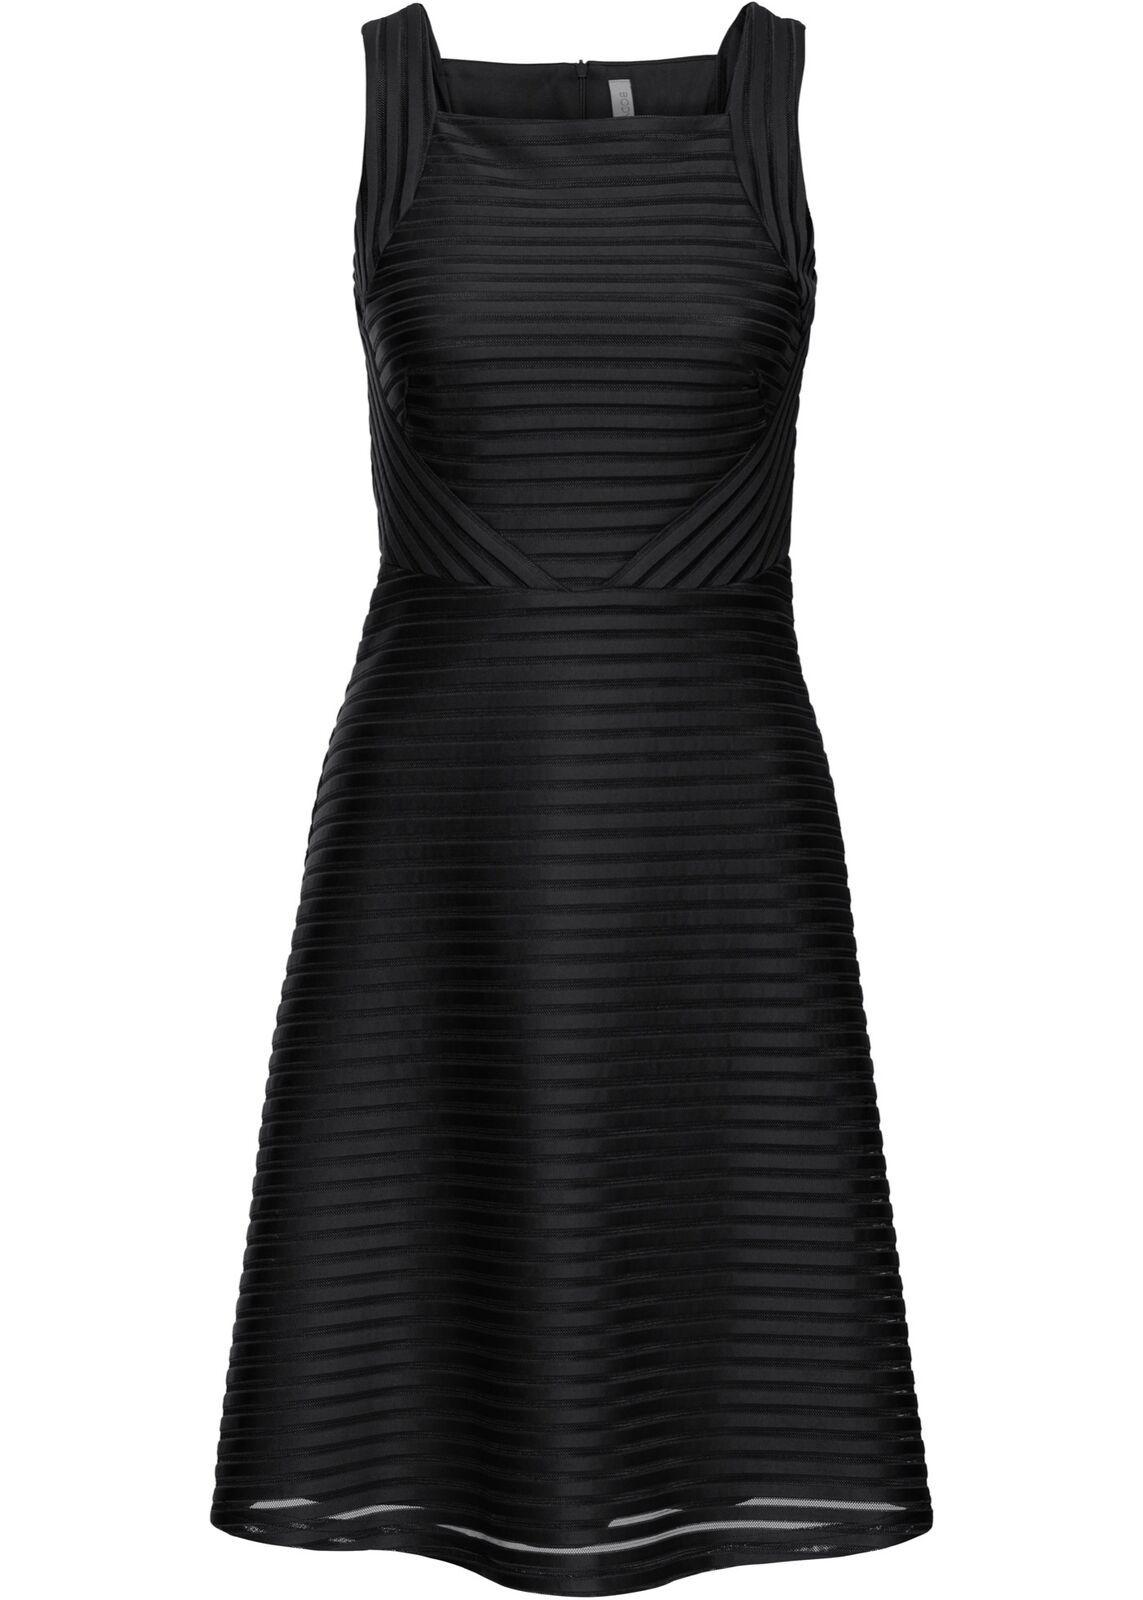 Kleid In Gerippter Optik Gr 42 Schwarz Cocktailkleid Kurzes Partykleid Neu Ebay In 2020 Kurzes Partykleid Elegante Kleider Cocktailkleid